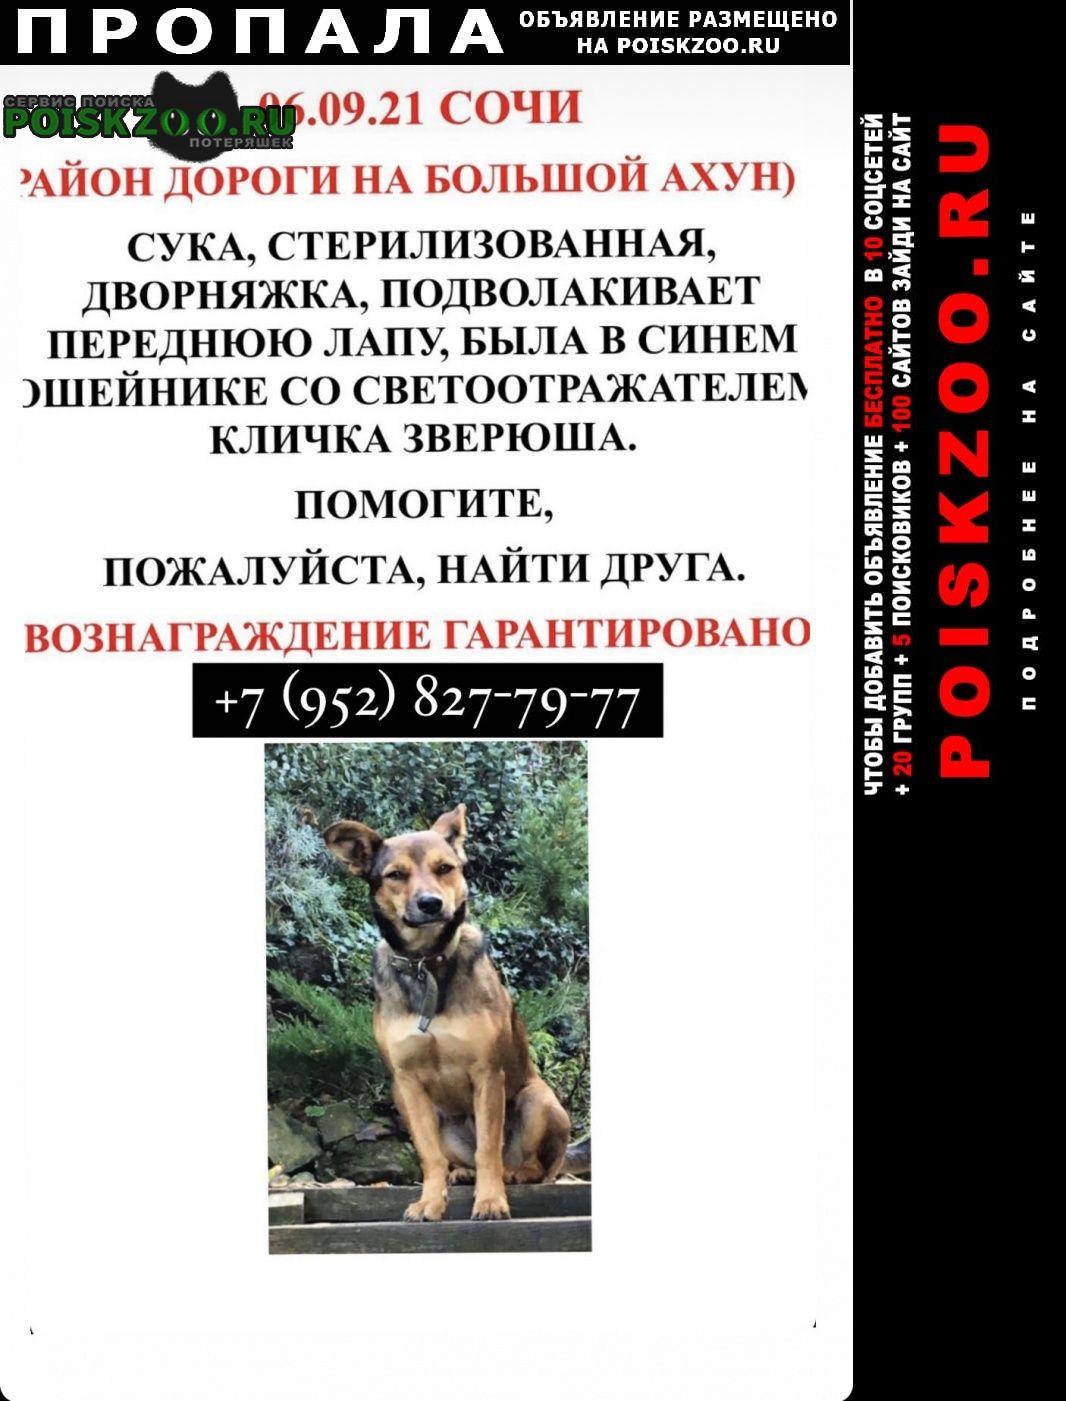 Пропала собака помогите найти собаку Сочи